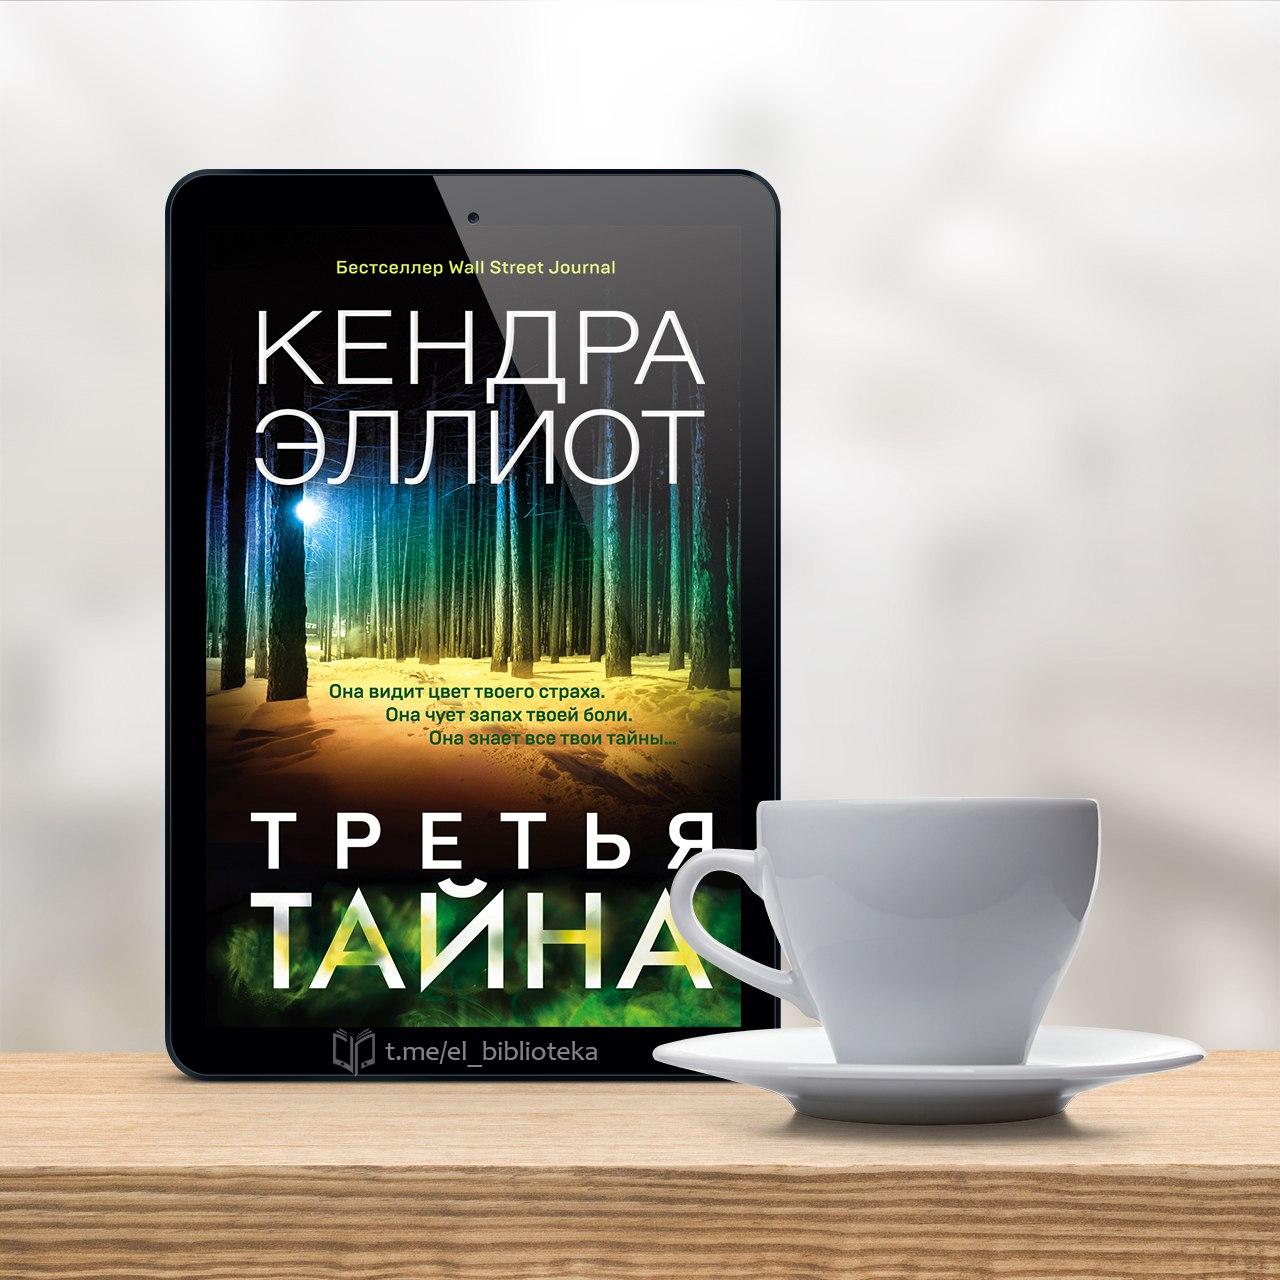  Третья тайна  Автор:  Эллиот_Кендра  Год издания: 2021  Серия «Мёрси...